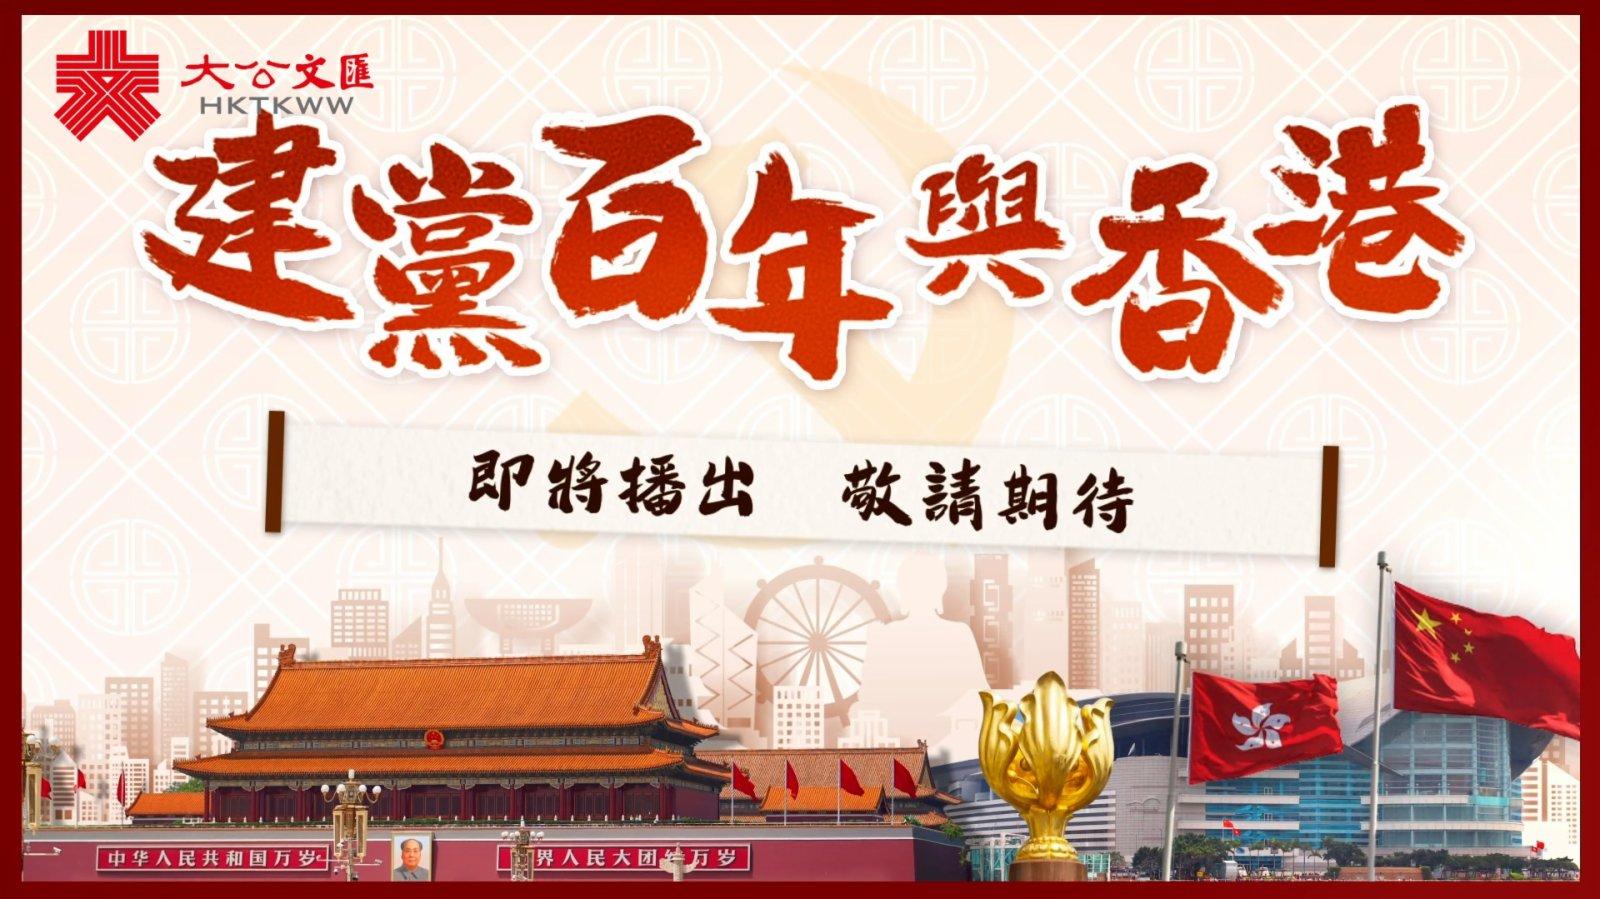 預告|點新聞將推專題節目 特邀神秘嘉賓講述《建黨百年與香港》